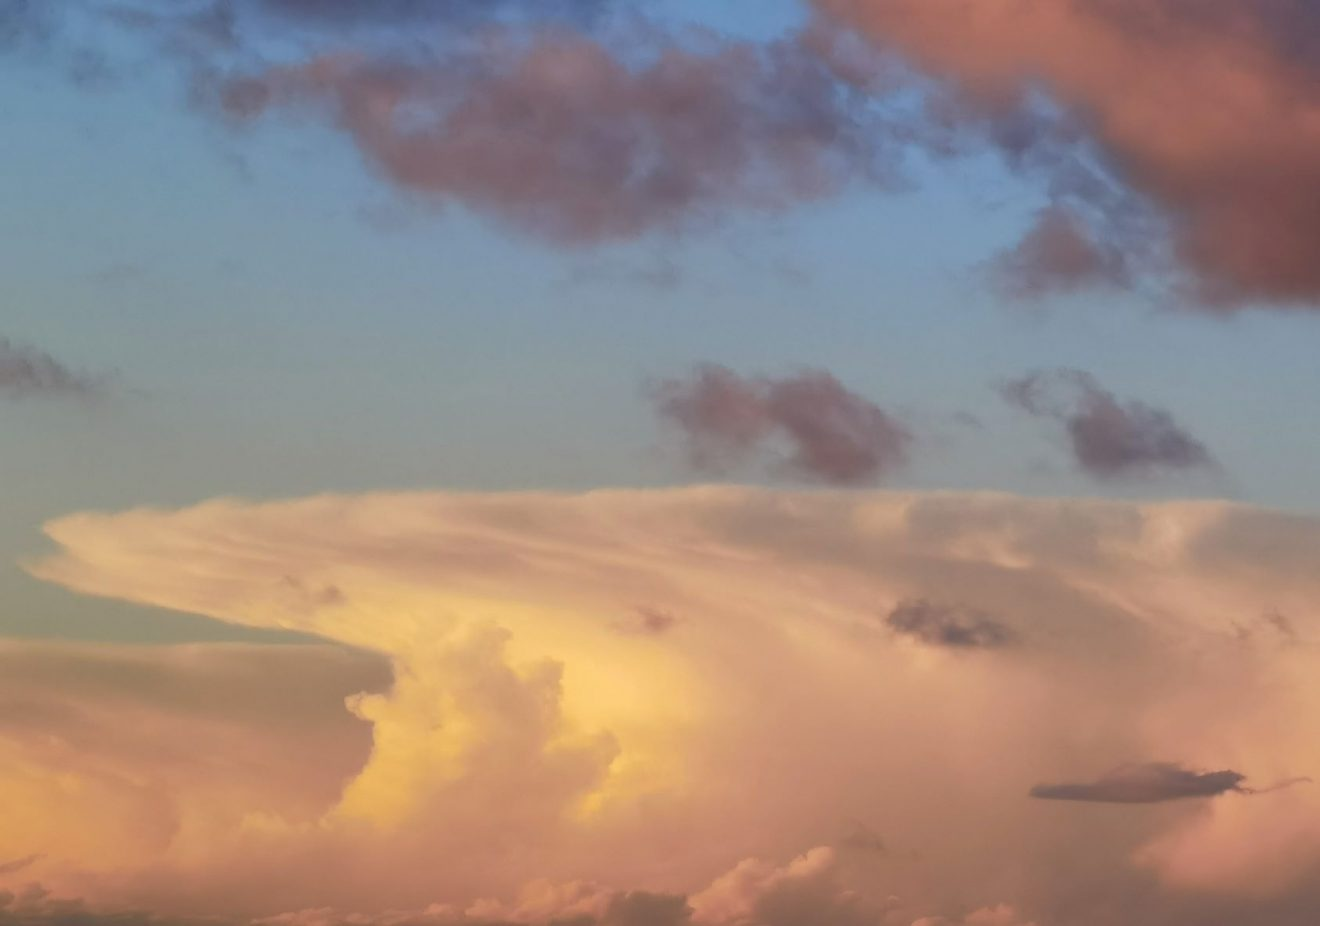 Eine seltsam gefärbte Wolke im Sonnenlicht